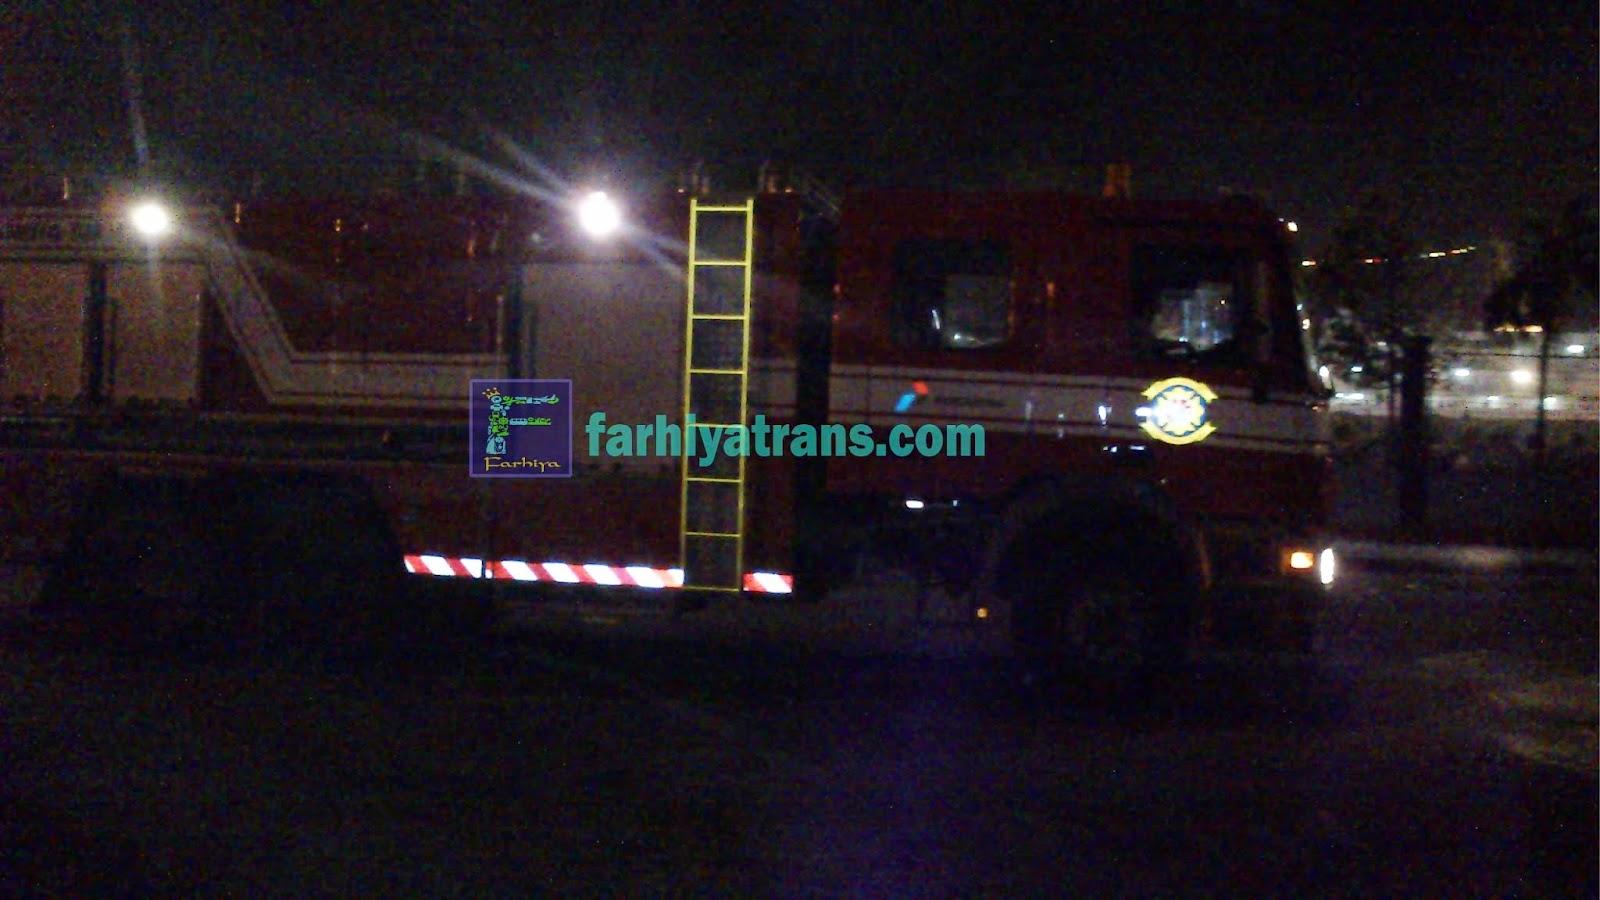 pengiriman tronton mobil pemadam kebakaran dari surabaya ke balikpapan dengan kapal cepat